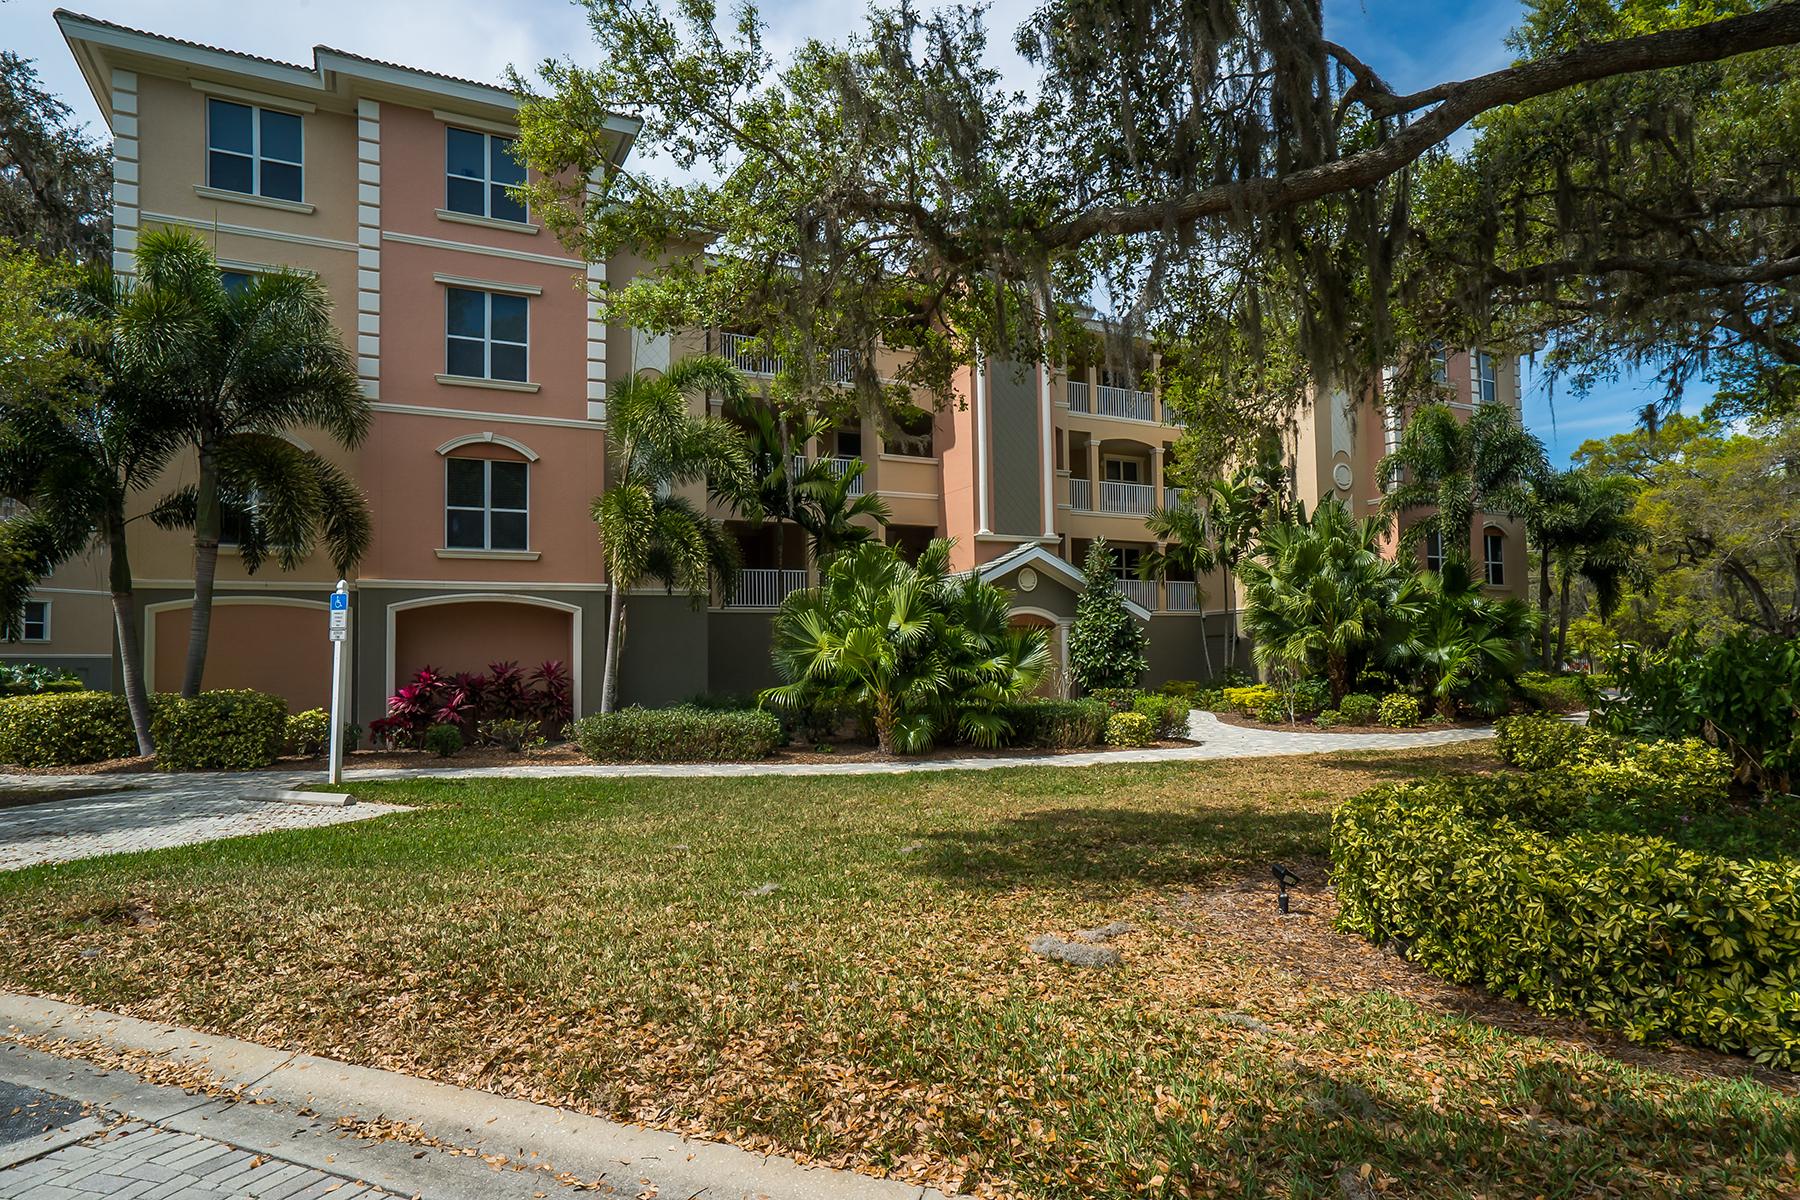 Condomínio para Venda às GRAND OAKS PRESERVE 5110 Manorwood Dr 3D Sarasota, Florida, 34235 Estados Unidos